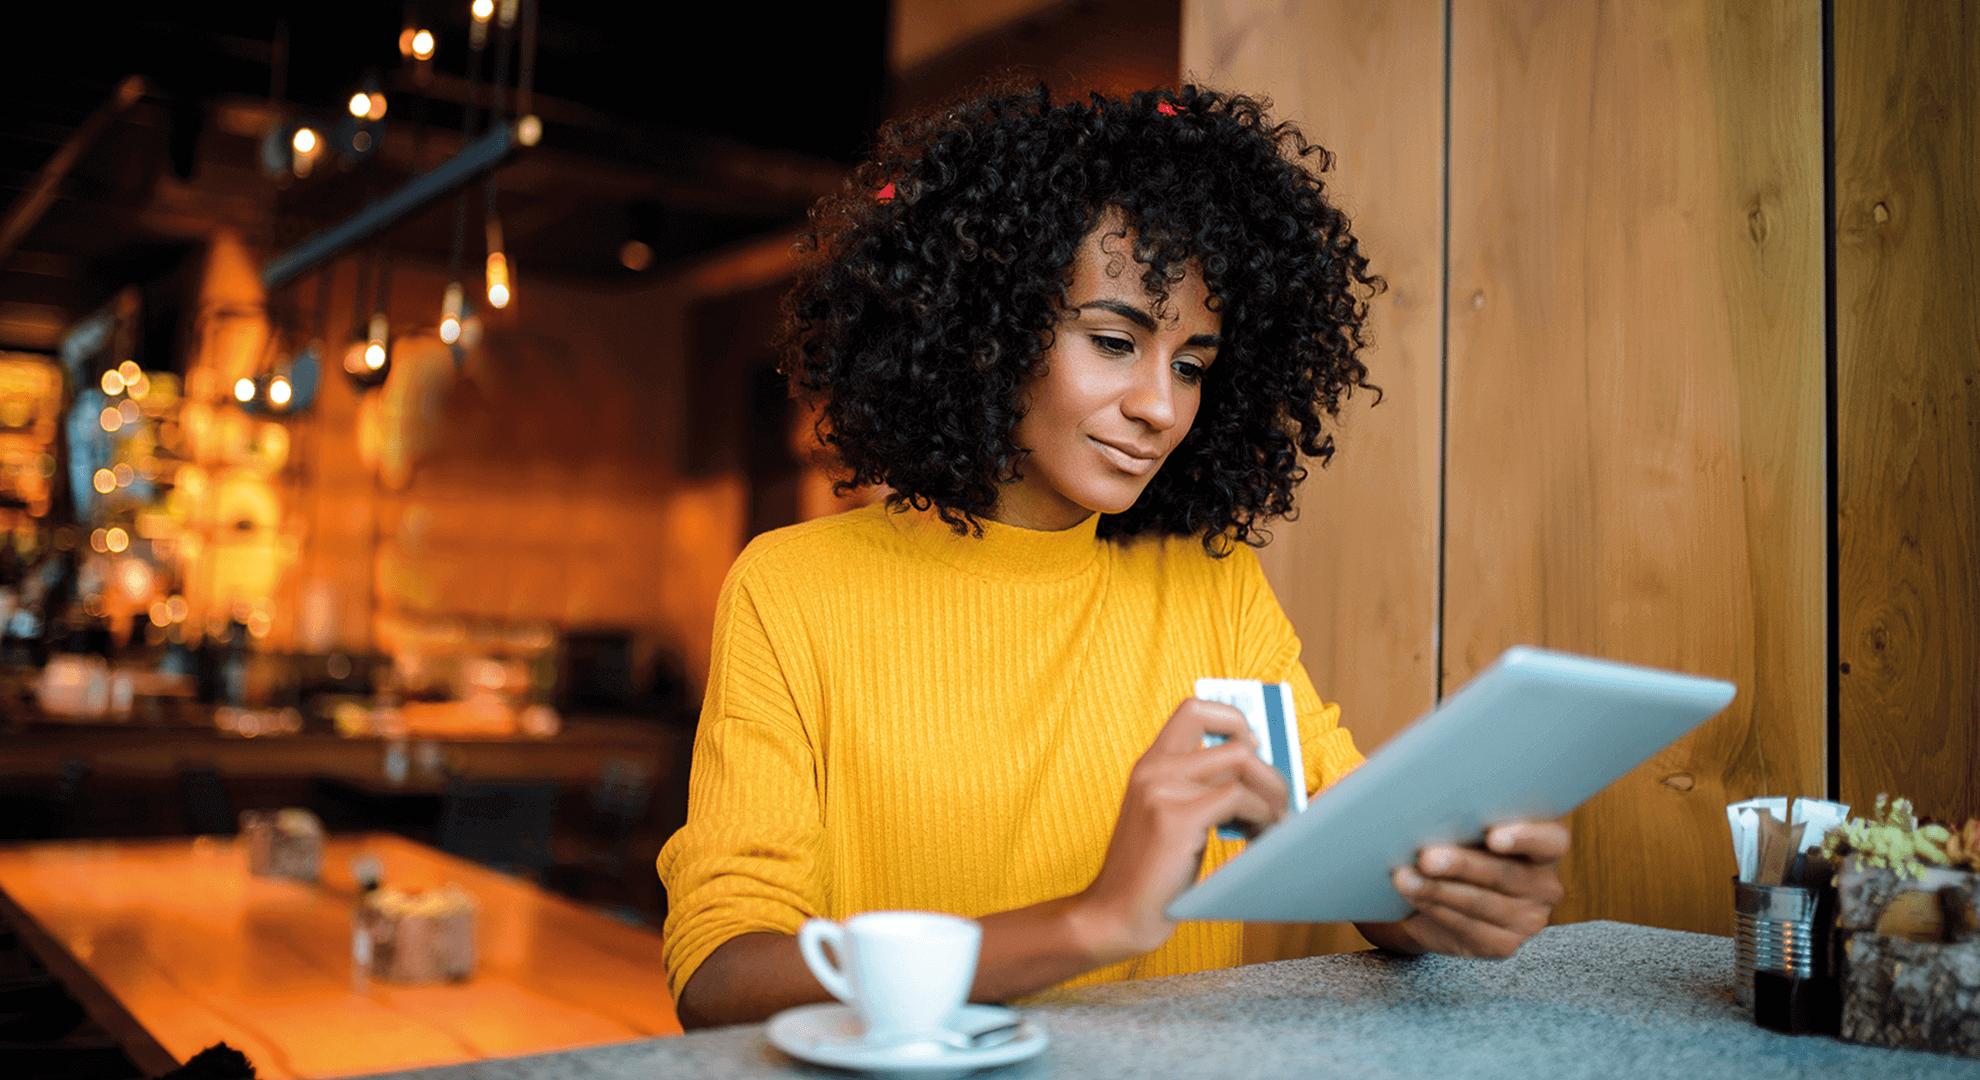 Frau sitzt mit Tablet und Kreditkarte an einer Bar und trinkt einen Kaffee während sie E-Commerce Angebote durchsucht. Damit ihre Bestellung schnell bei ihr ankommt, ist intelligentes E-Com Fulfillment und Automatsierung für E-Commerce gefragt